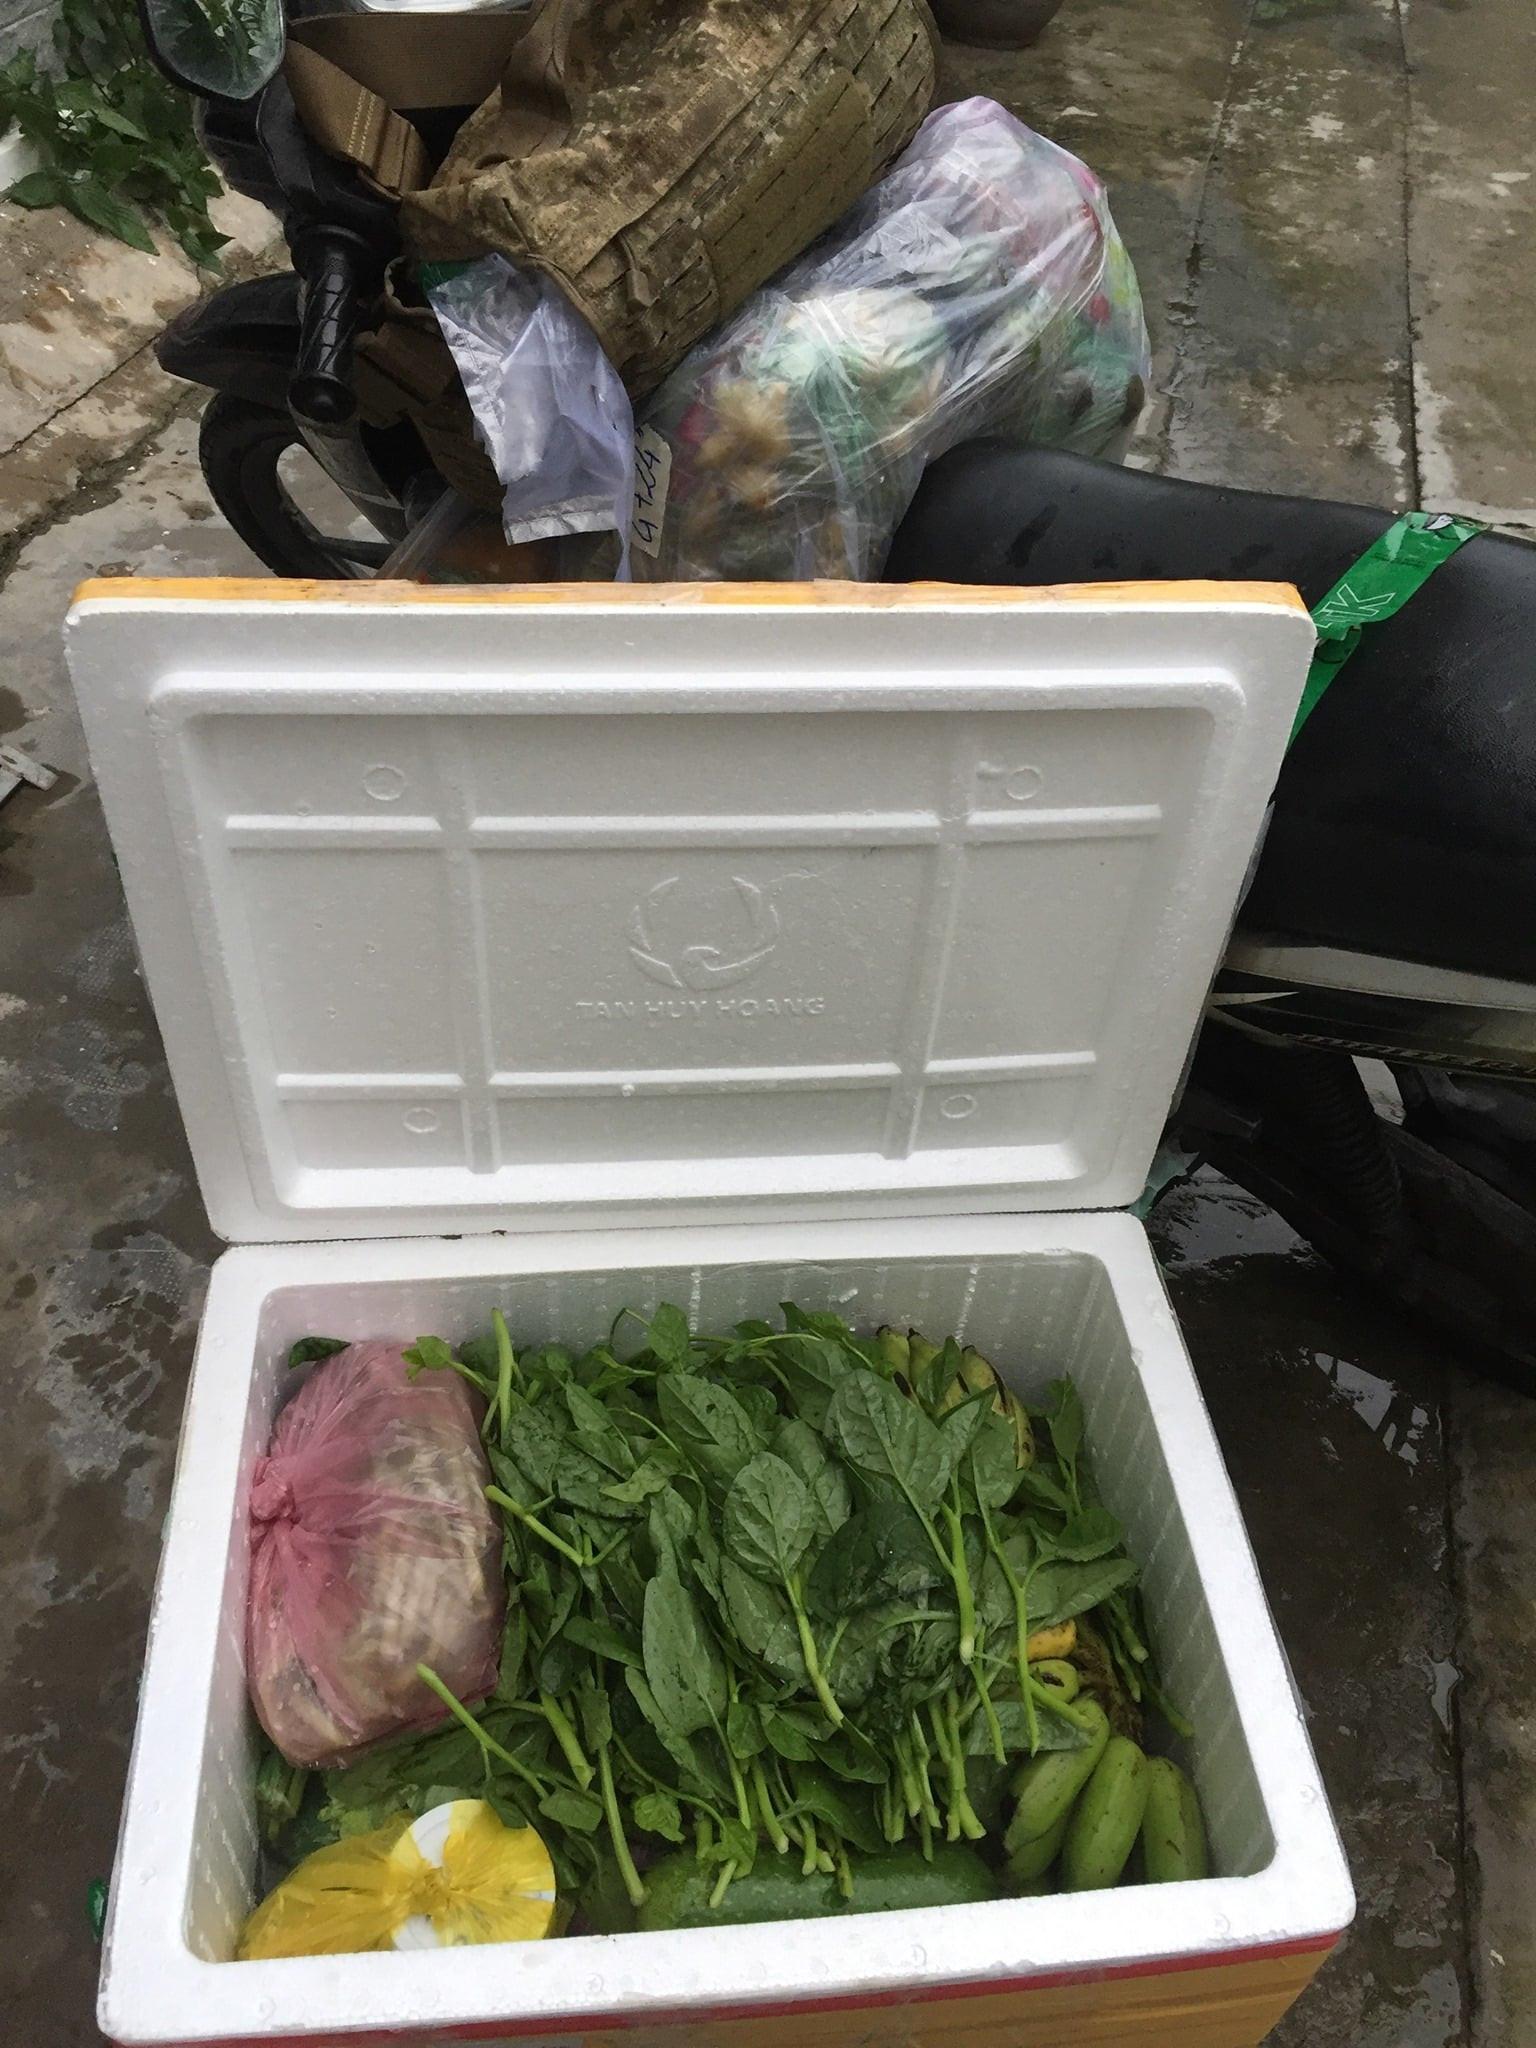 TP.HCM: Trình bày lý do ra nhà xe nhận thực phẩm từ quê, thanh niên bị lập biên bản xử phạt 2 triệu - Ảnh 1.